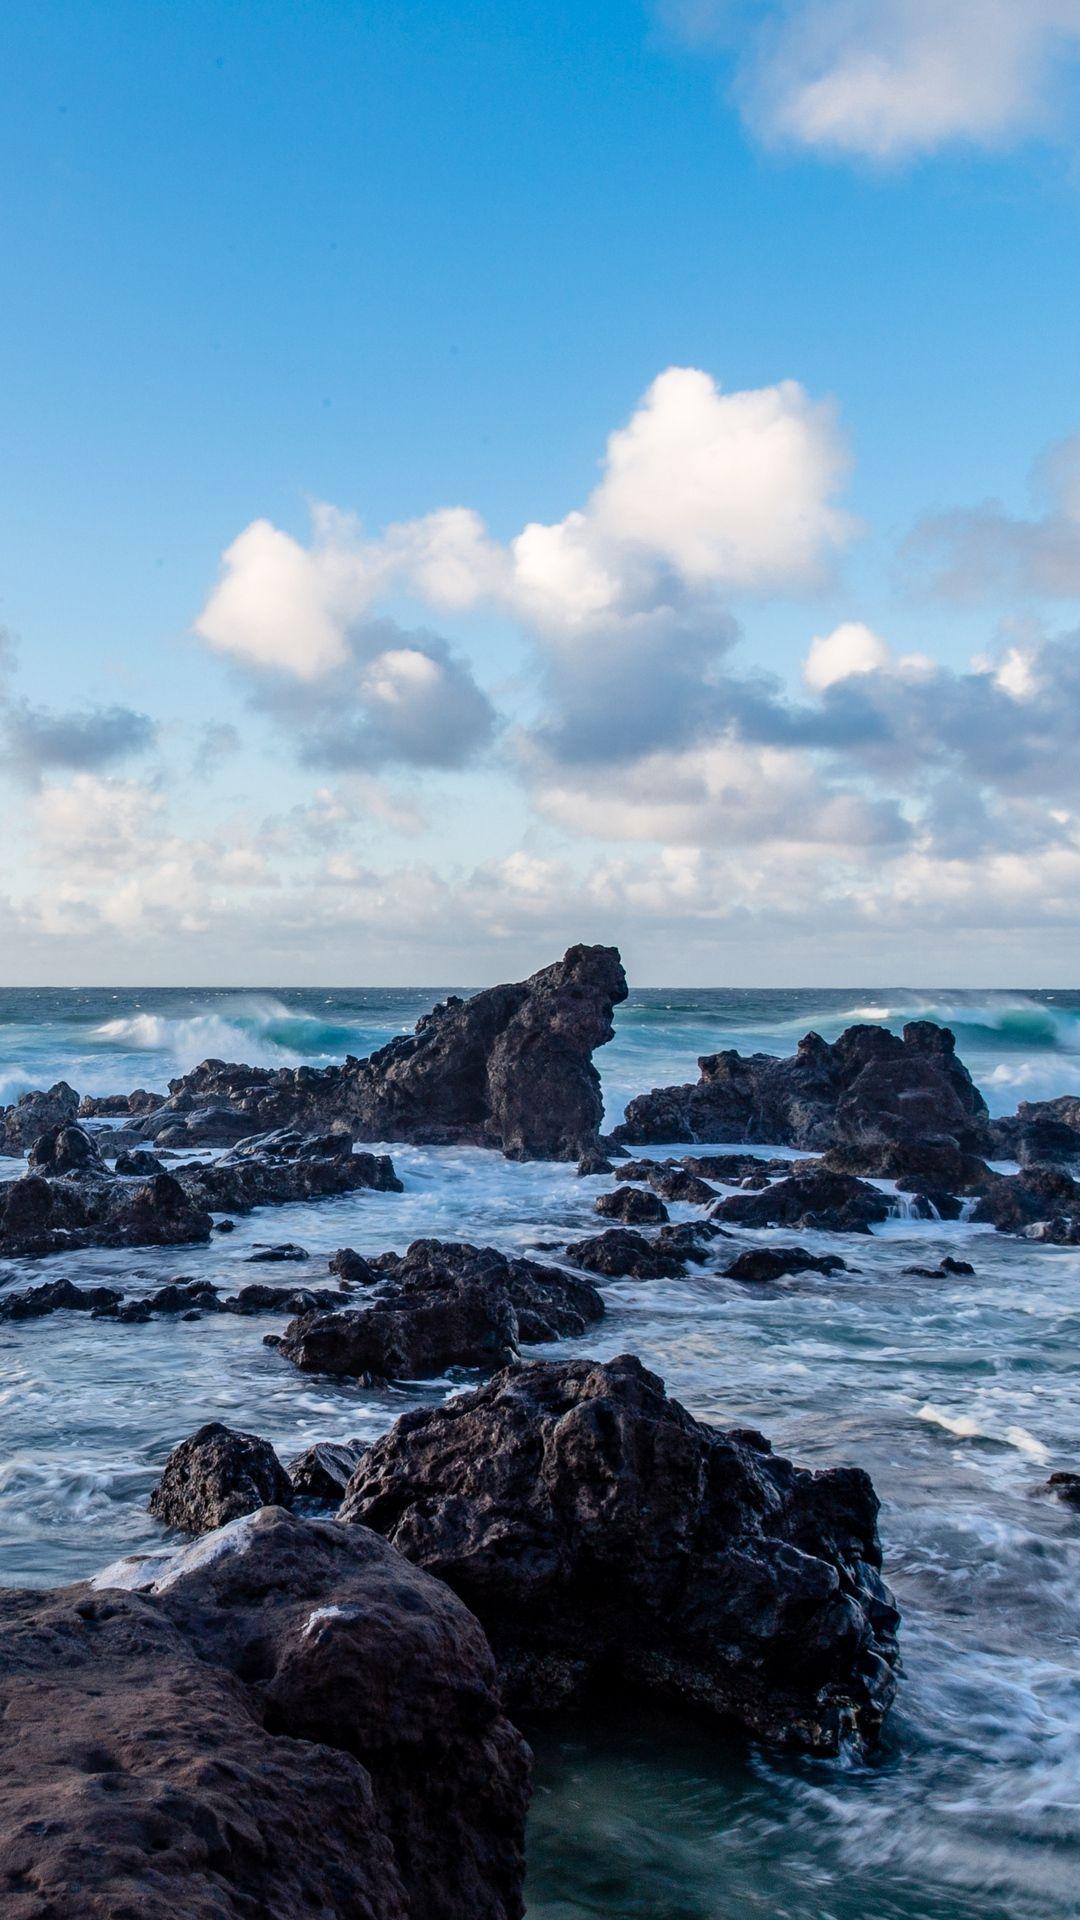 Sea Stones Rocks Ocean